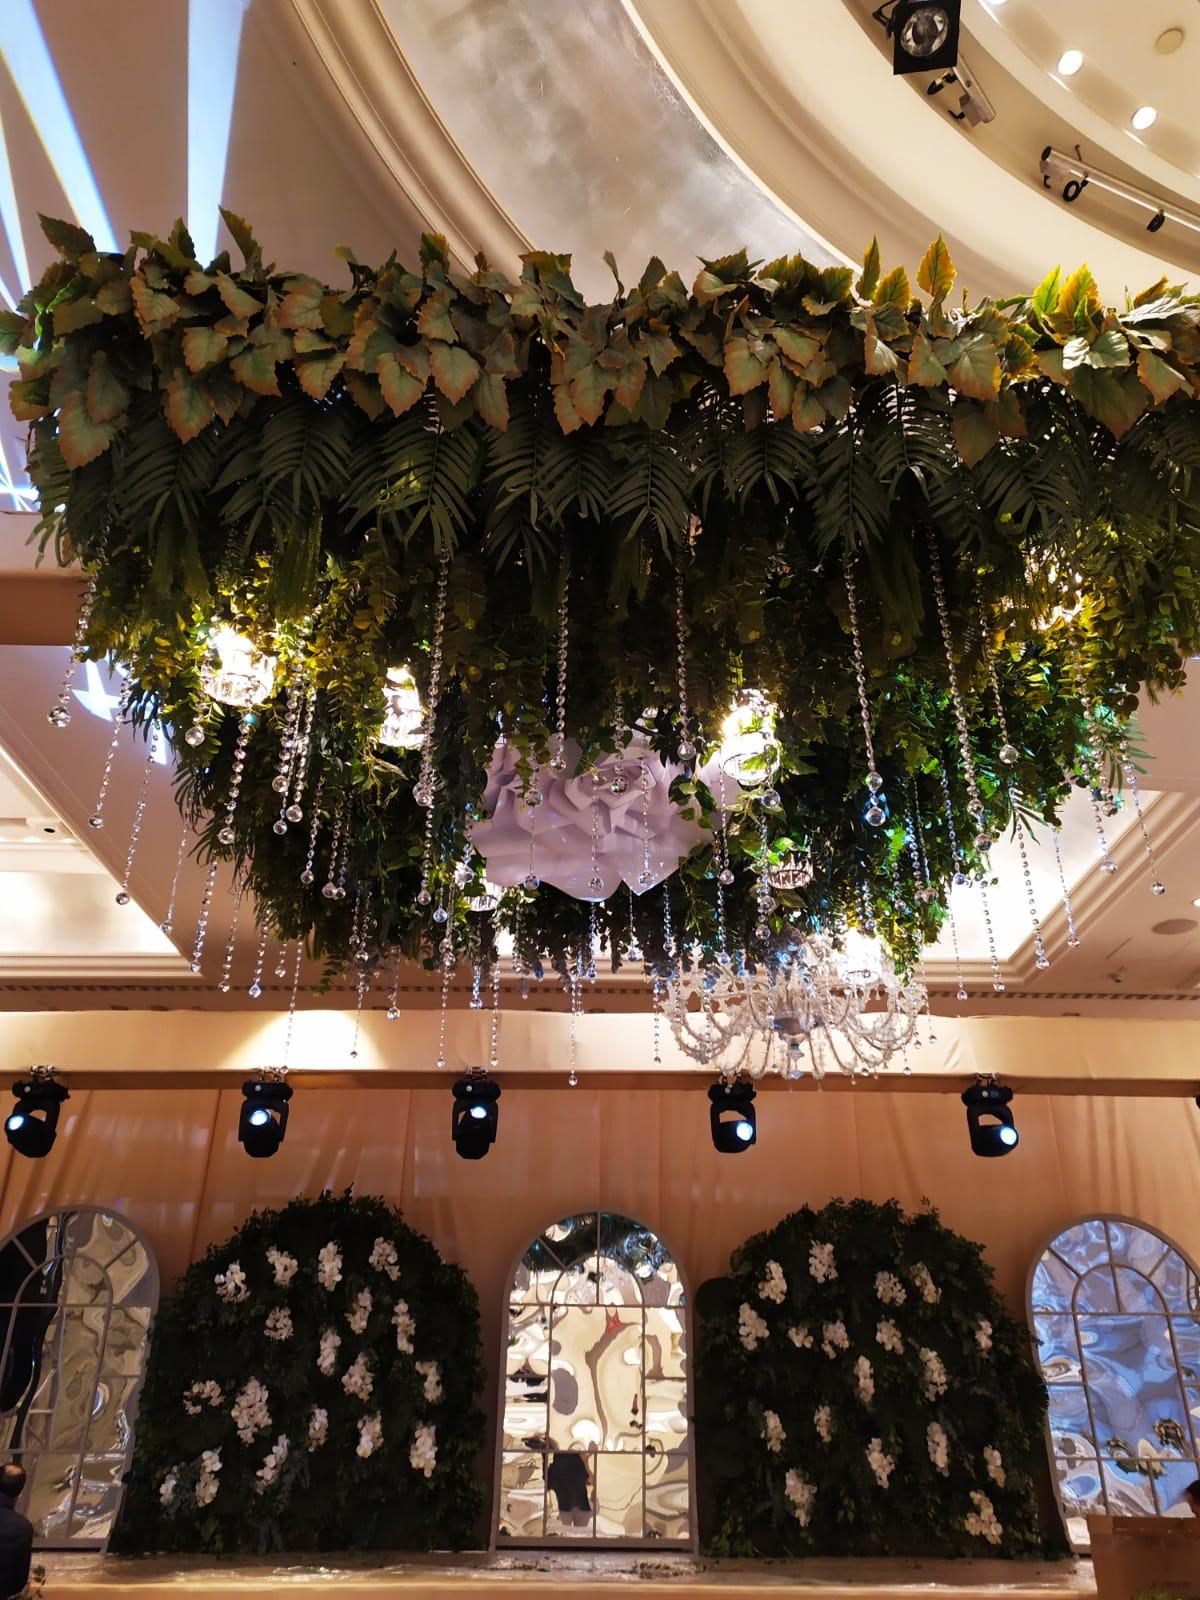 اسعار تنظيم حفلات الزفاف